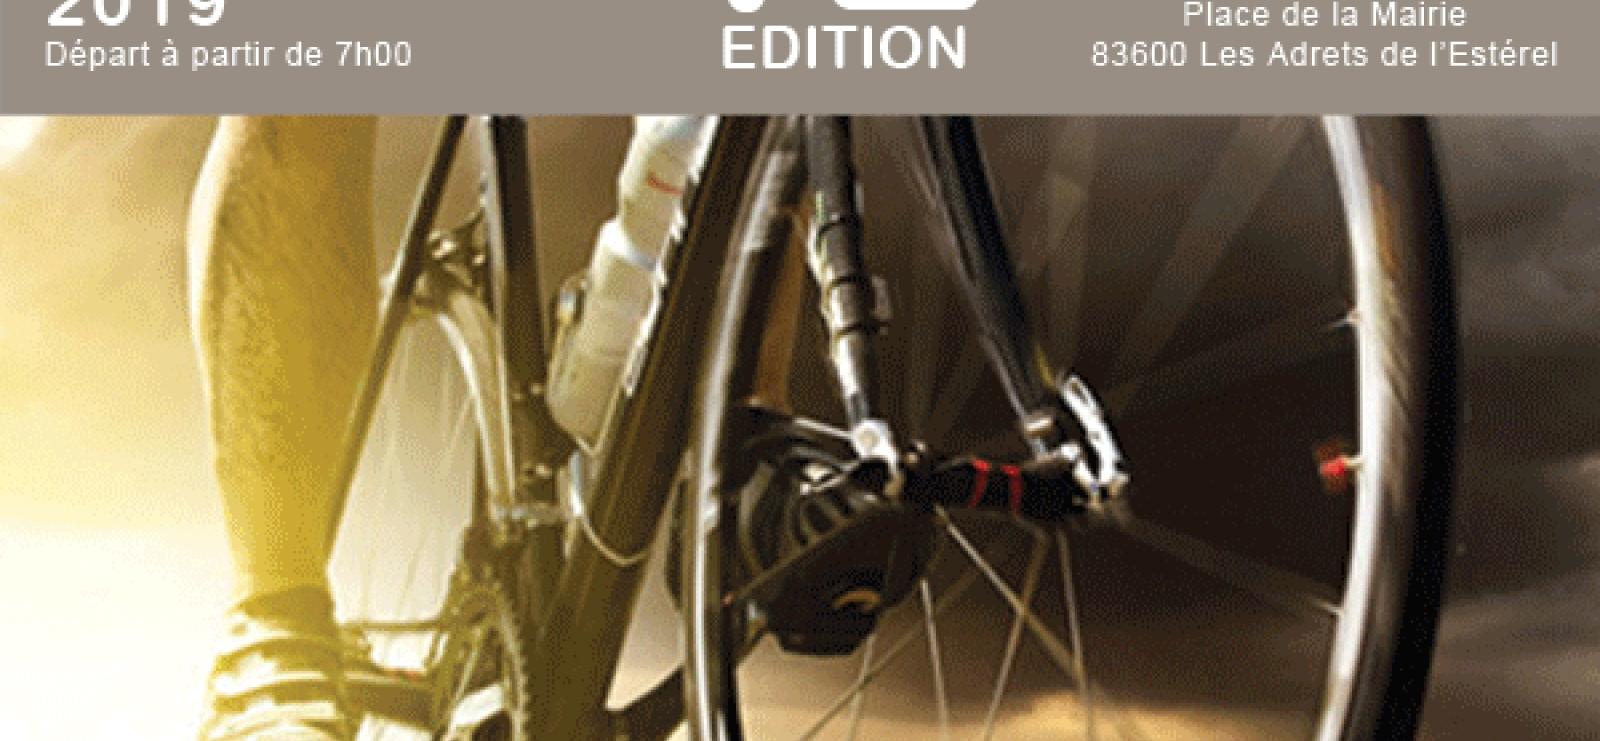 La Gaspard de Besse - course cycliste